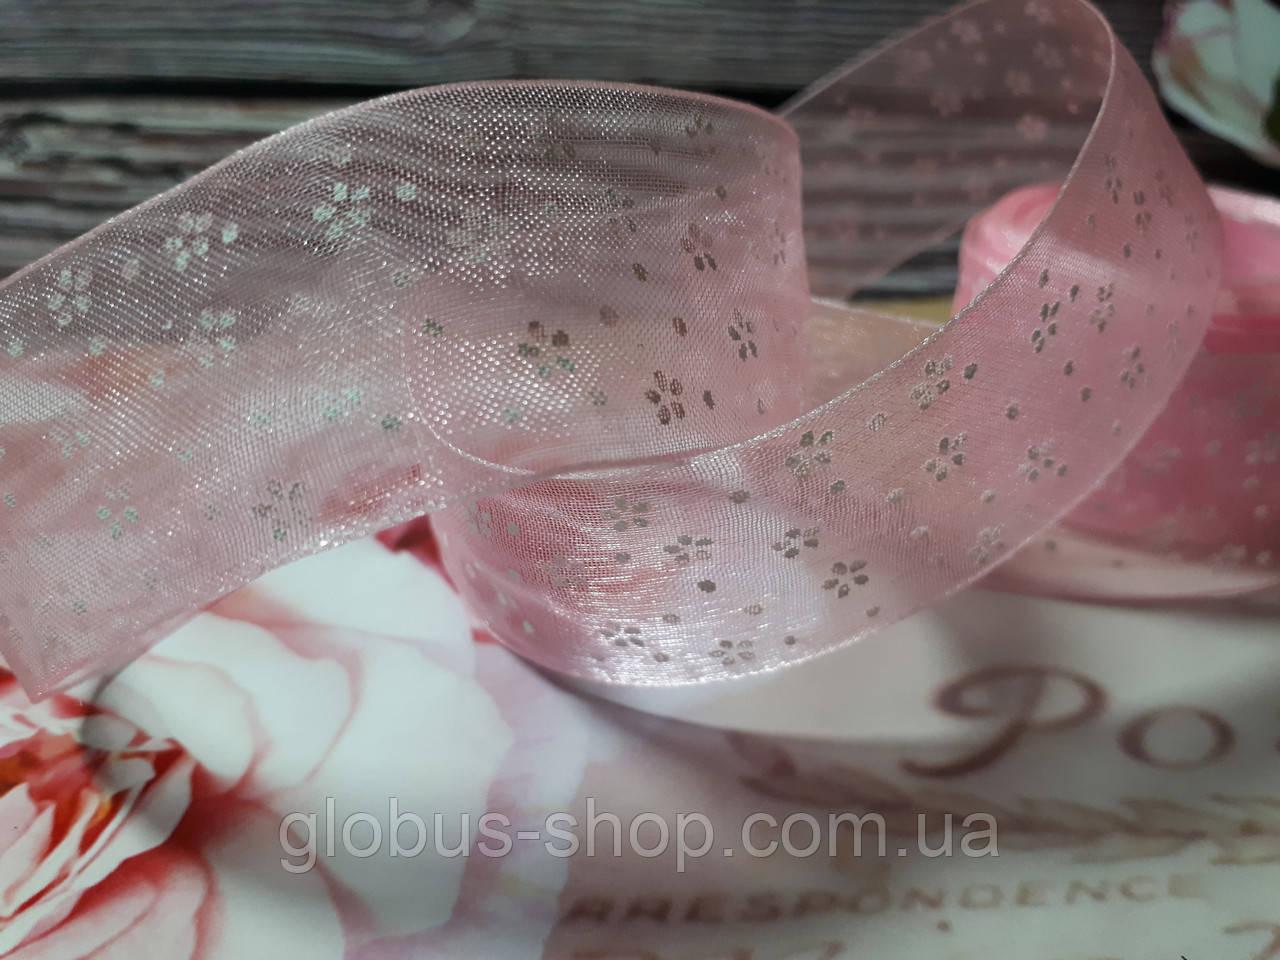 Органза 2,5 см квіточку , колір рожевий